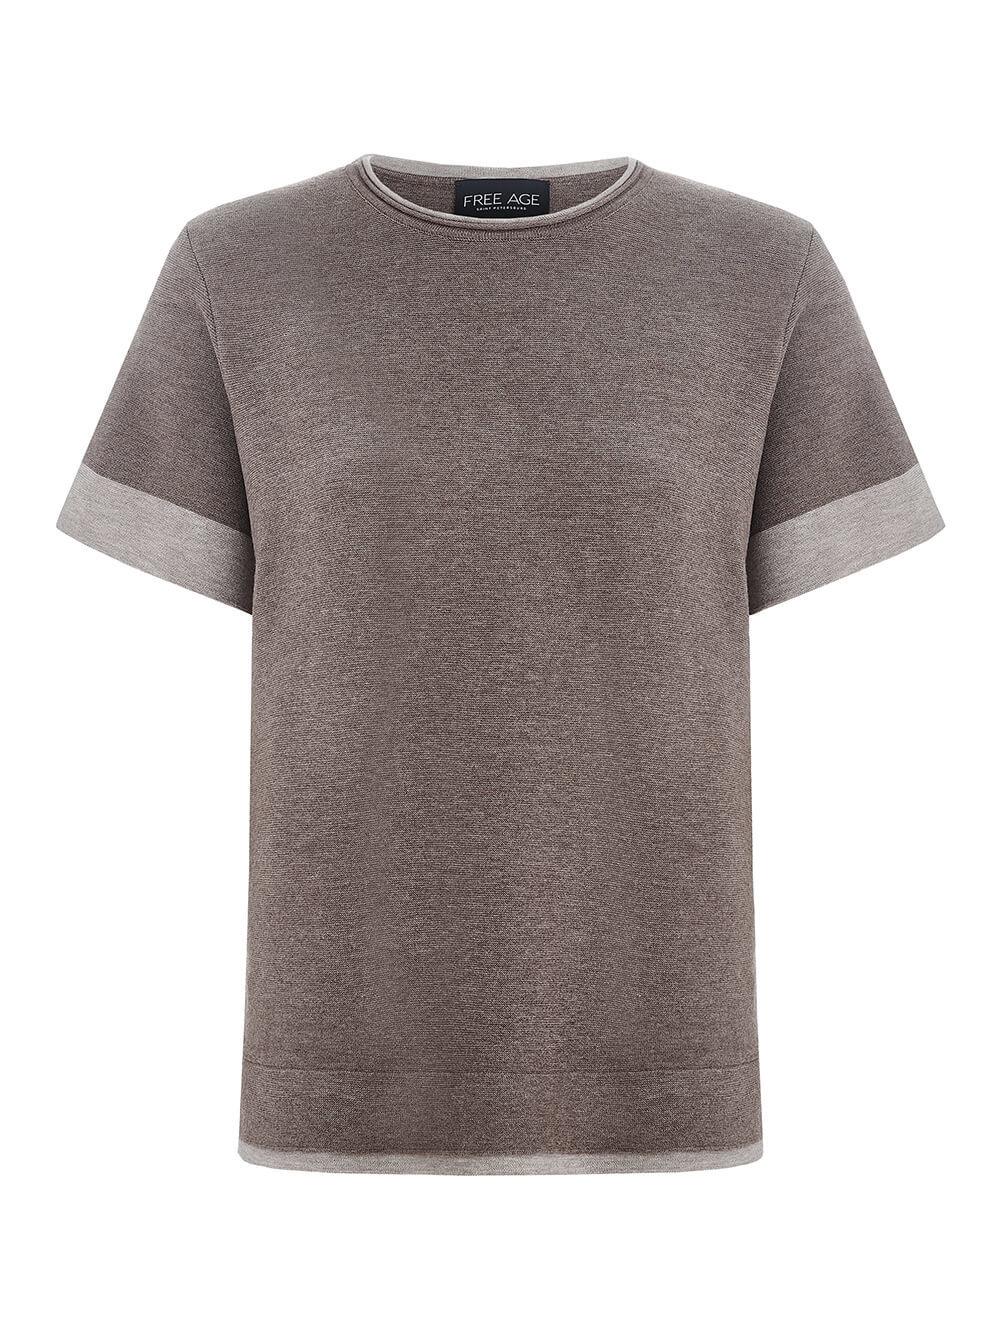 Женская футболка темно-кофейного цвета из вискозы - фото 1